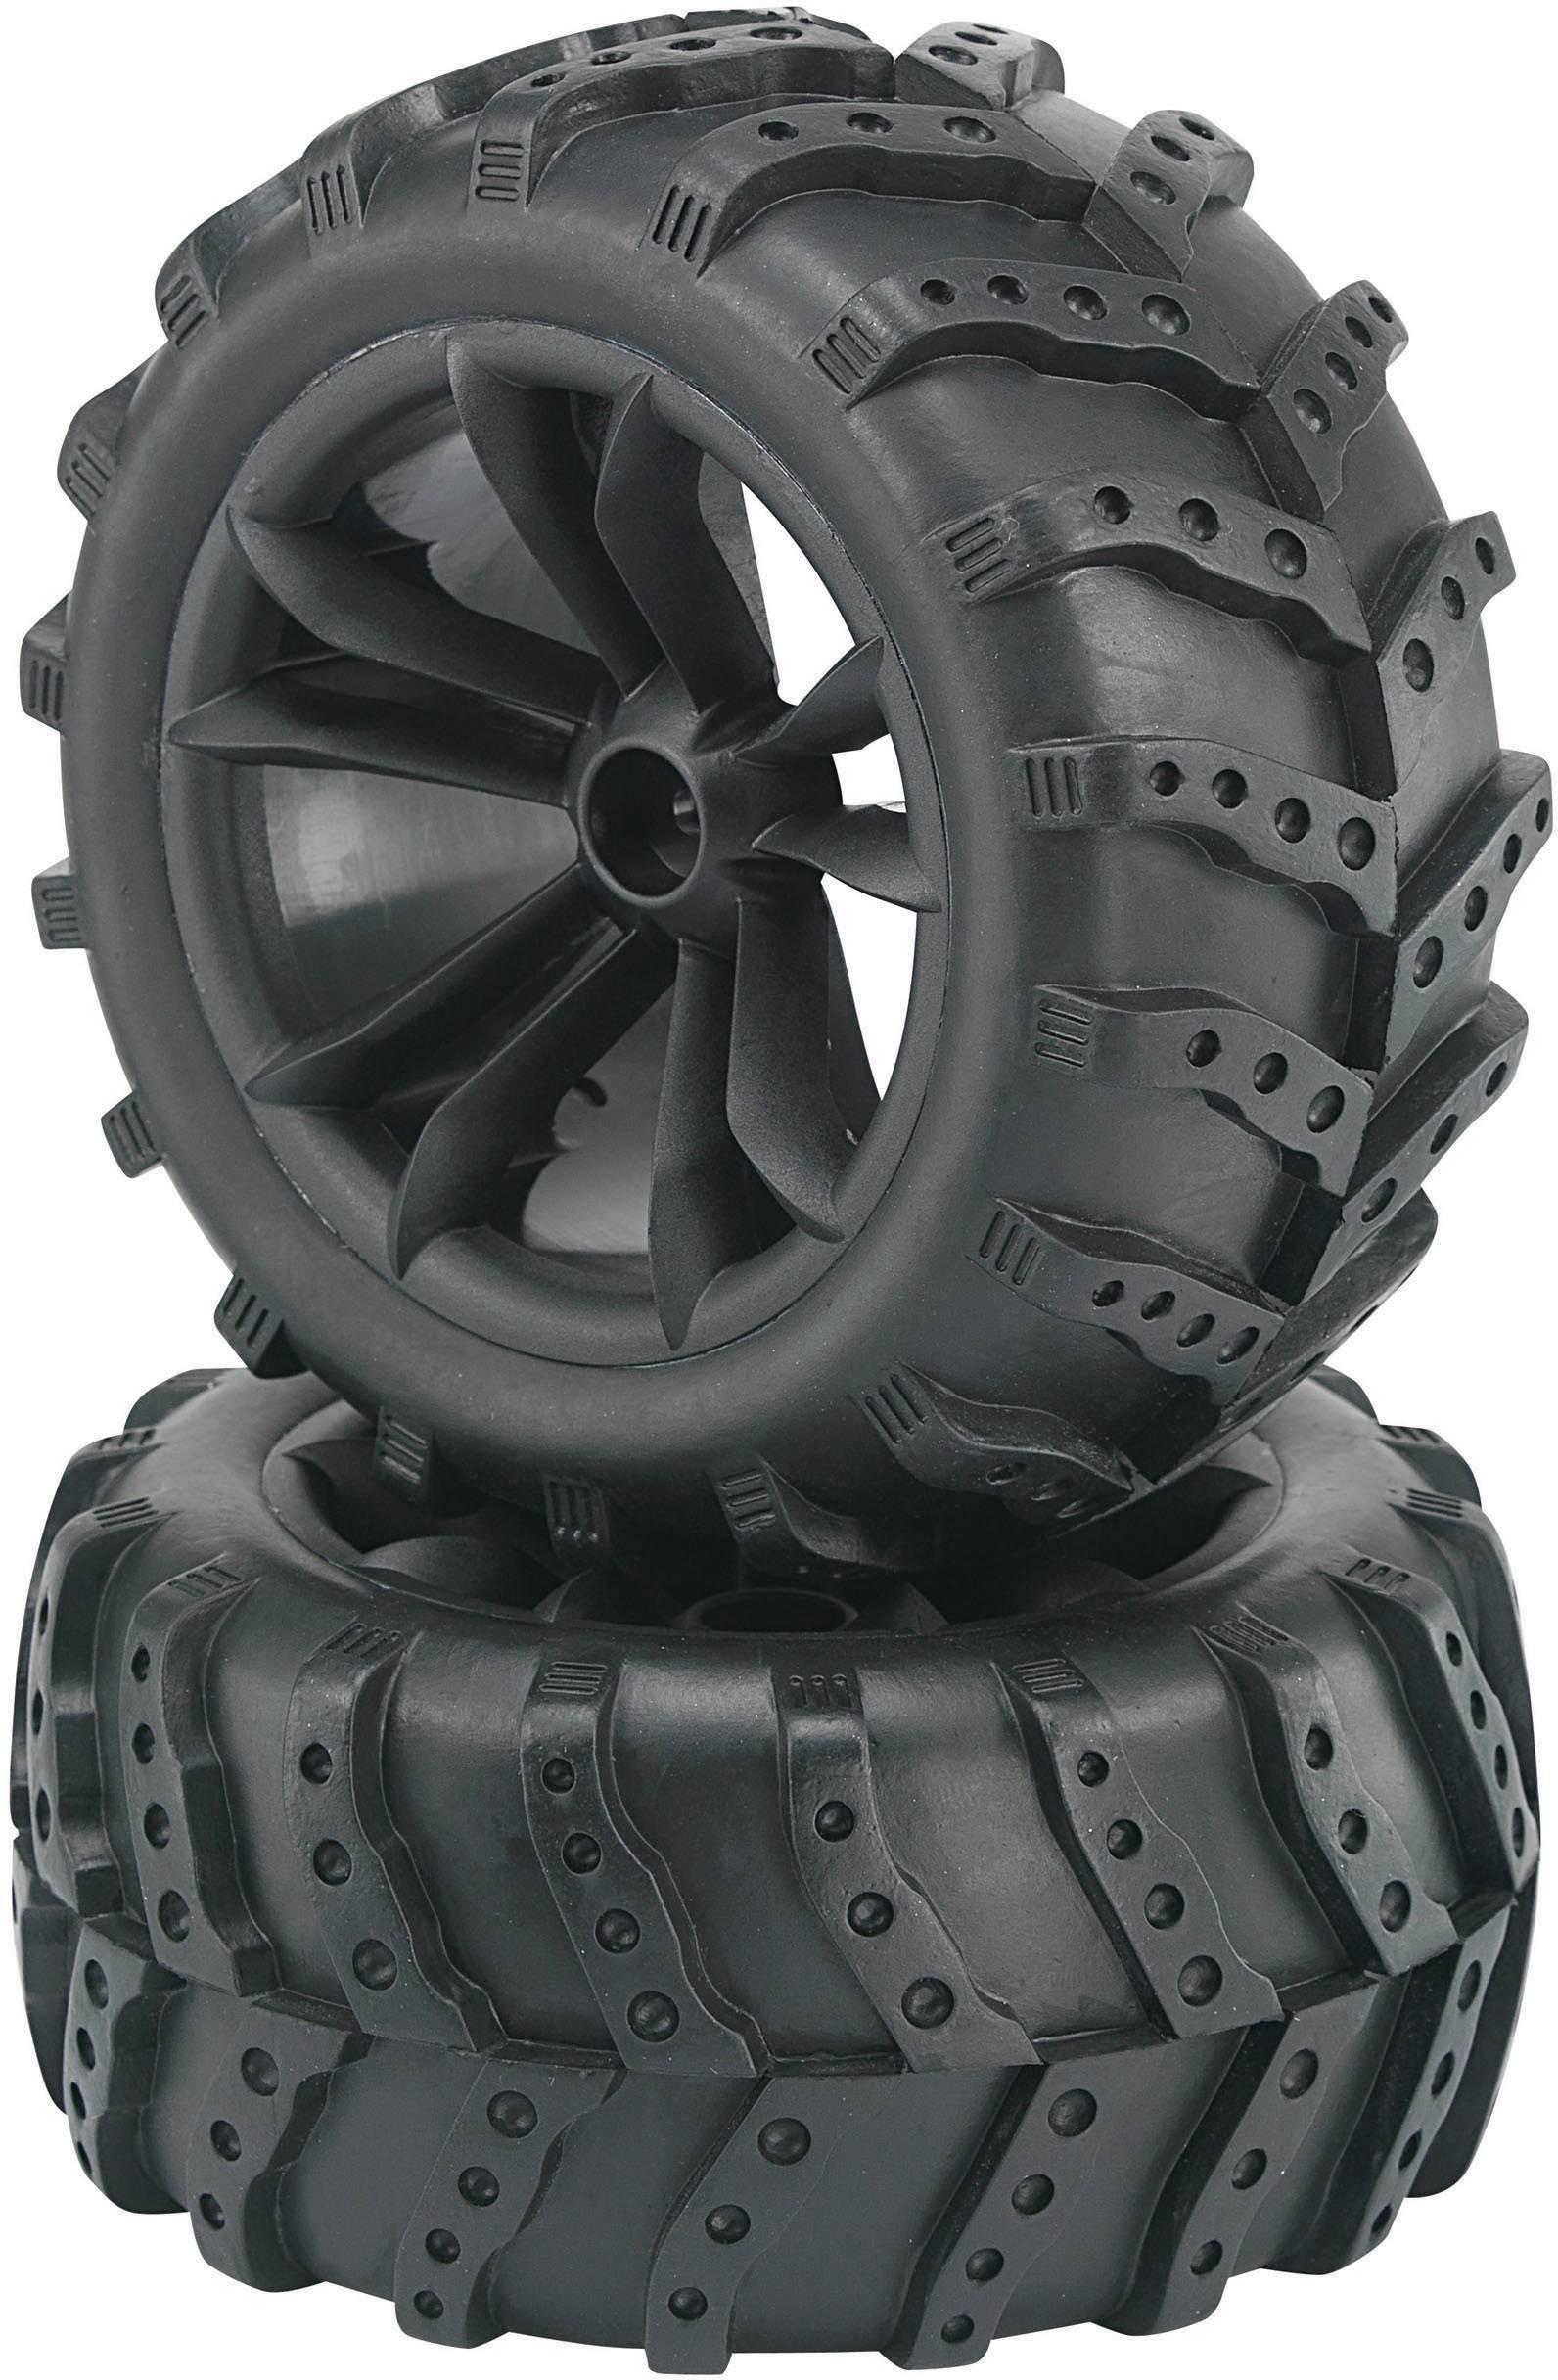 Kompletné kolesá Extreme Reely 236925 pre monster truck, 132 mm, 1:10, 2 ks, čierna